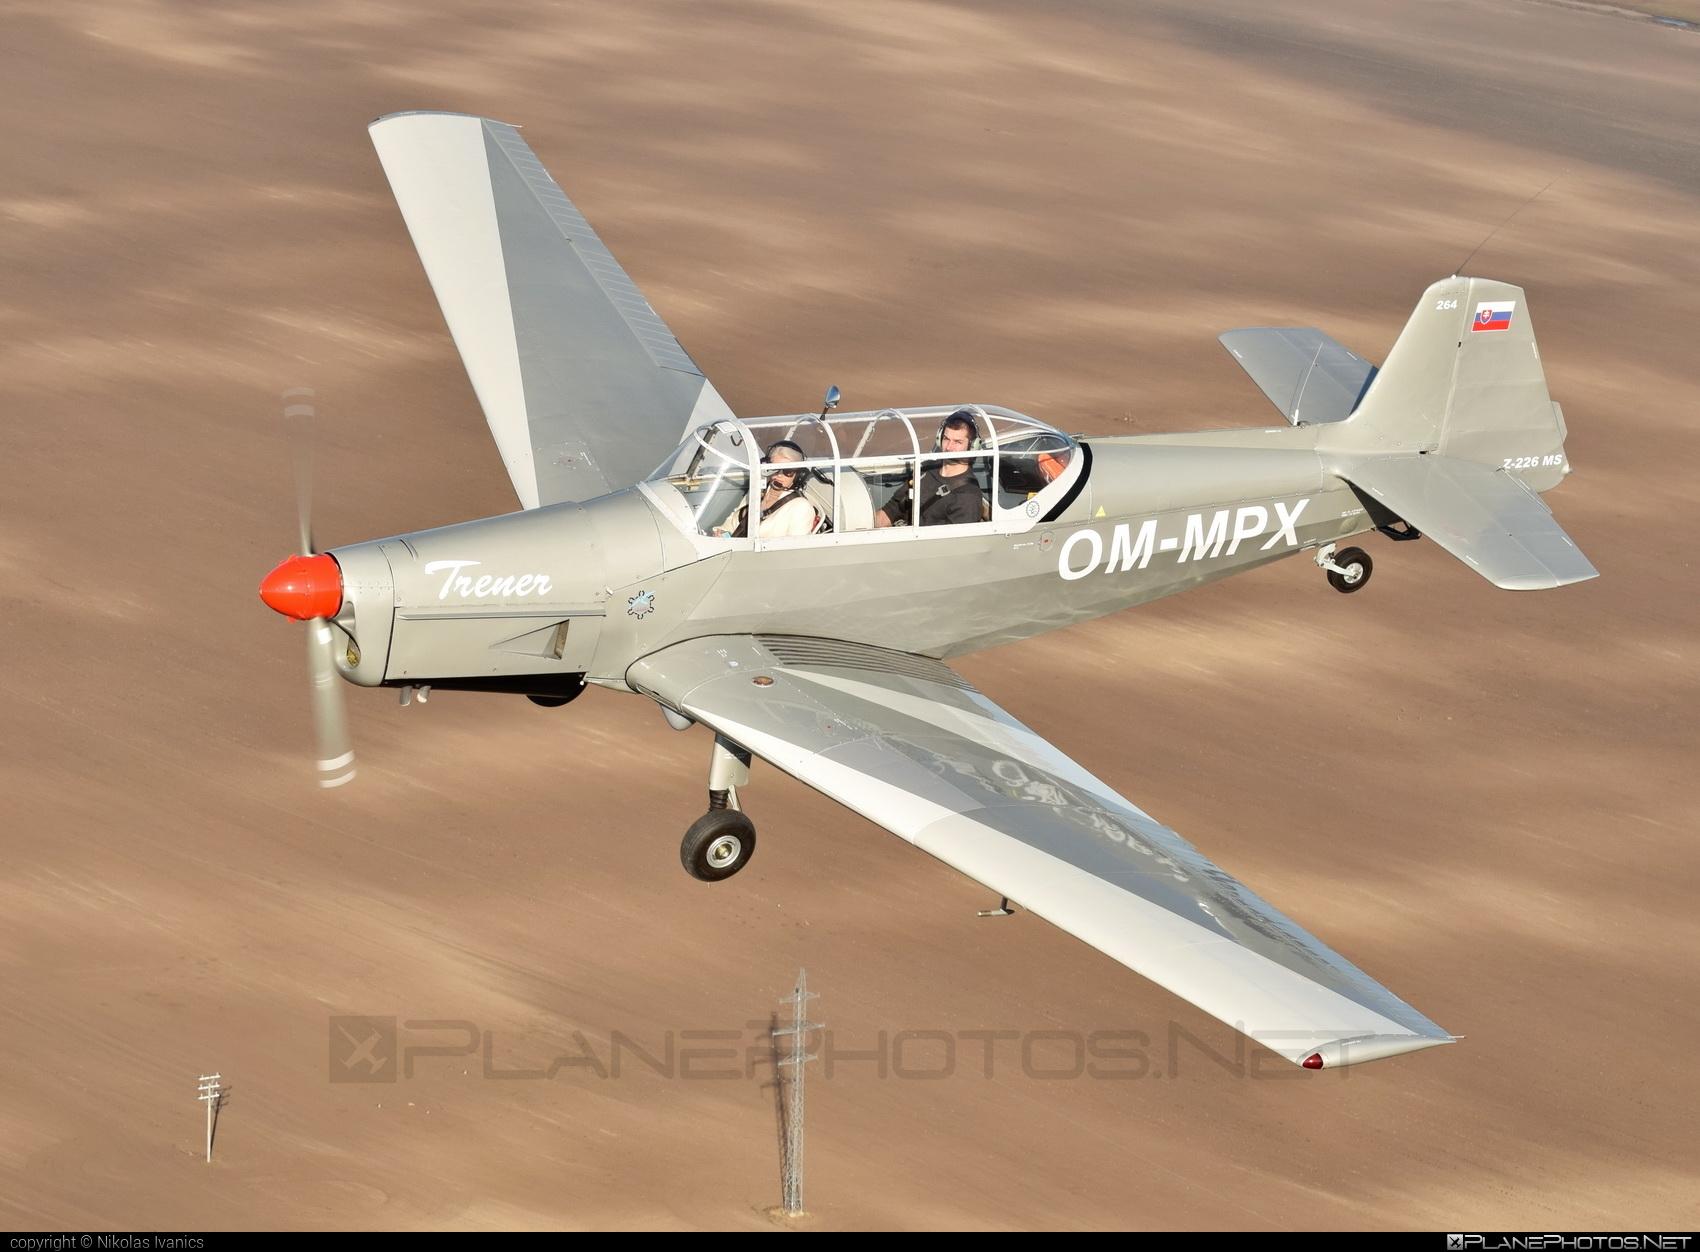 Zlin Z-226MS Trenér - OM-MPX operated by Aeroklub Nové Zámky #z226 #z226trener #zlin #zlin226 #zlintrener